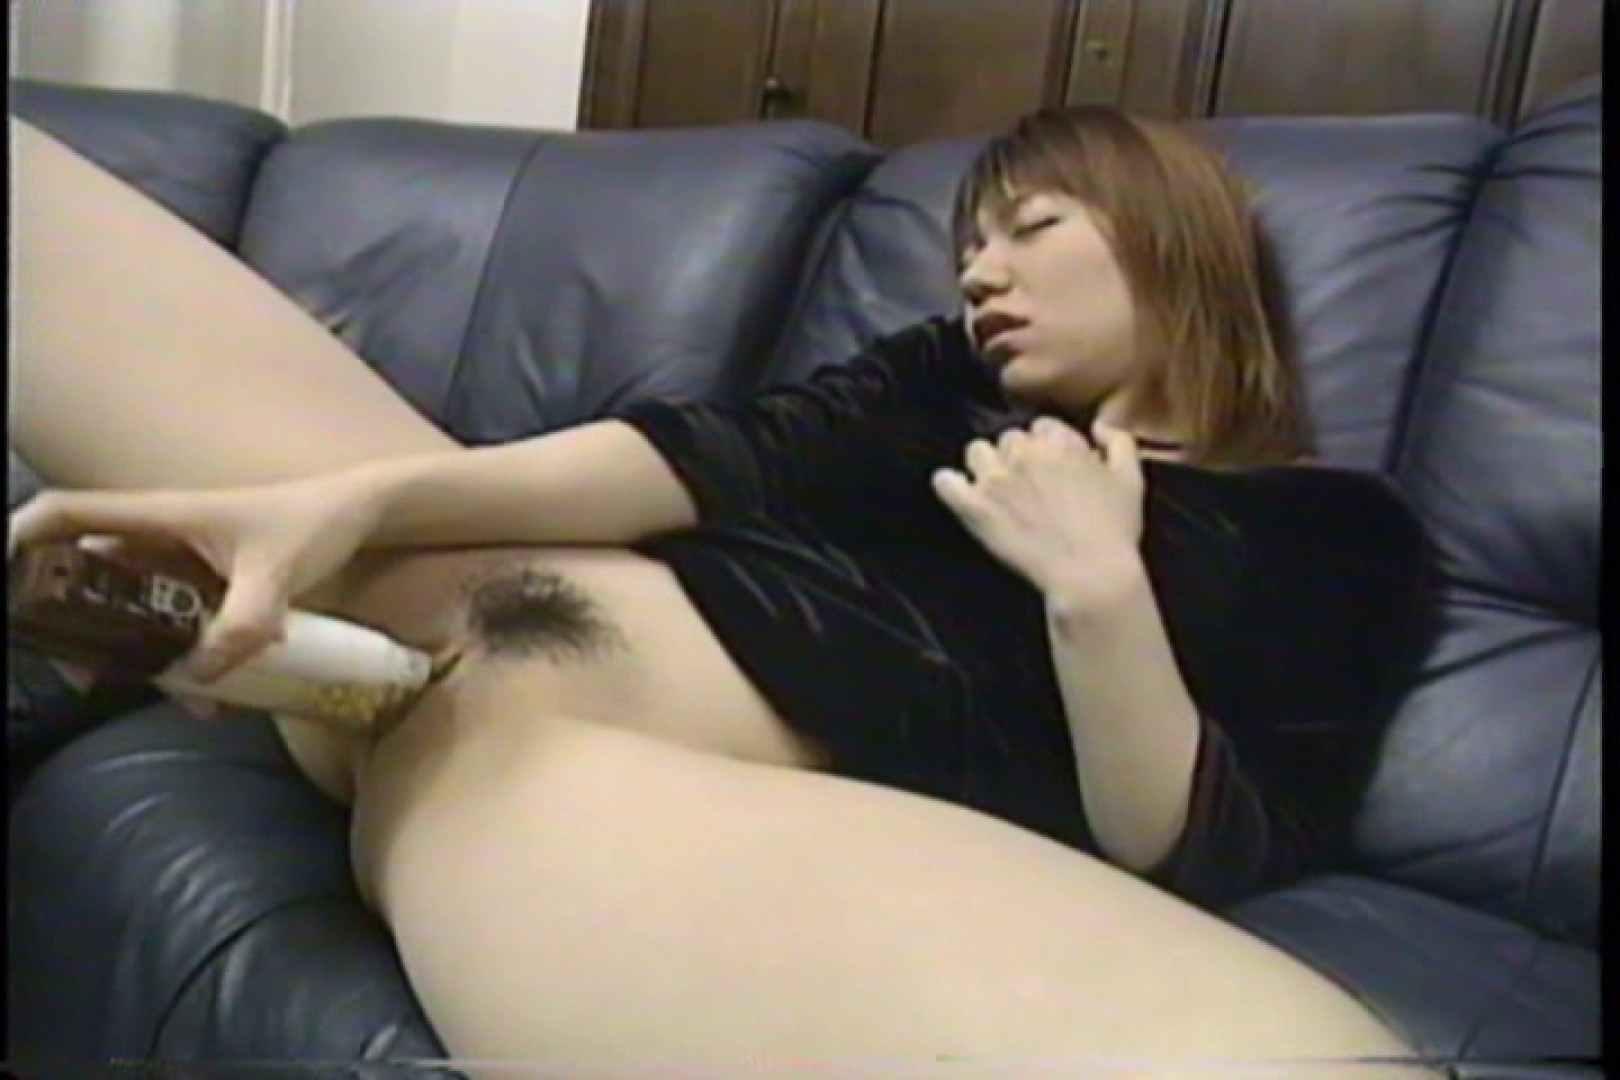 かわいい人妻、巨乳が疼いて止まらない~飯島れいか~ 巨乳な女性 SEX無修正画像 93枚 54